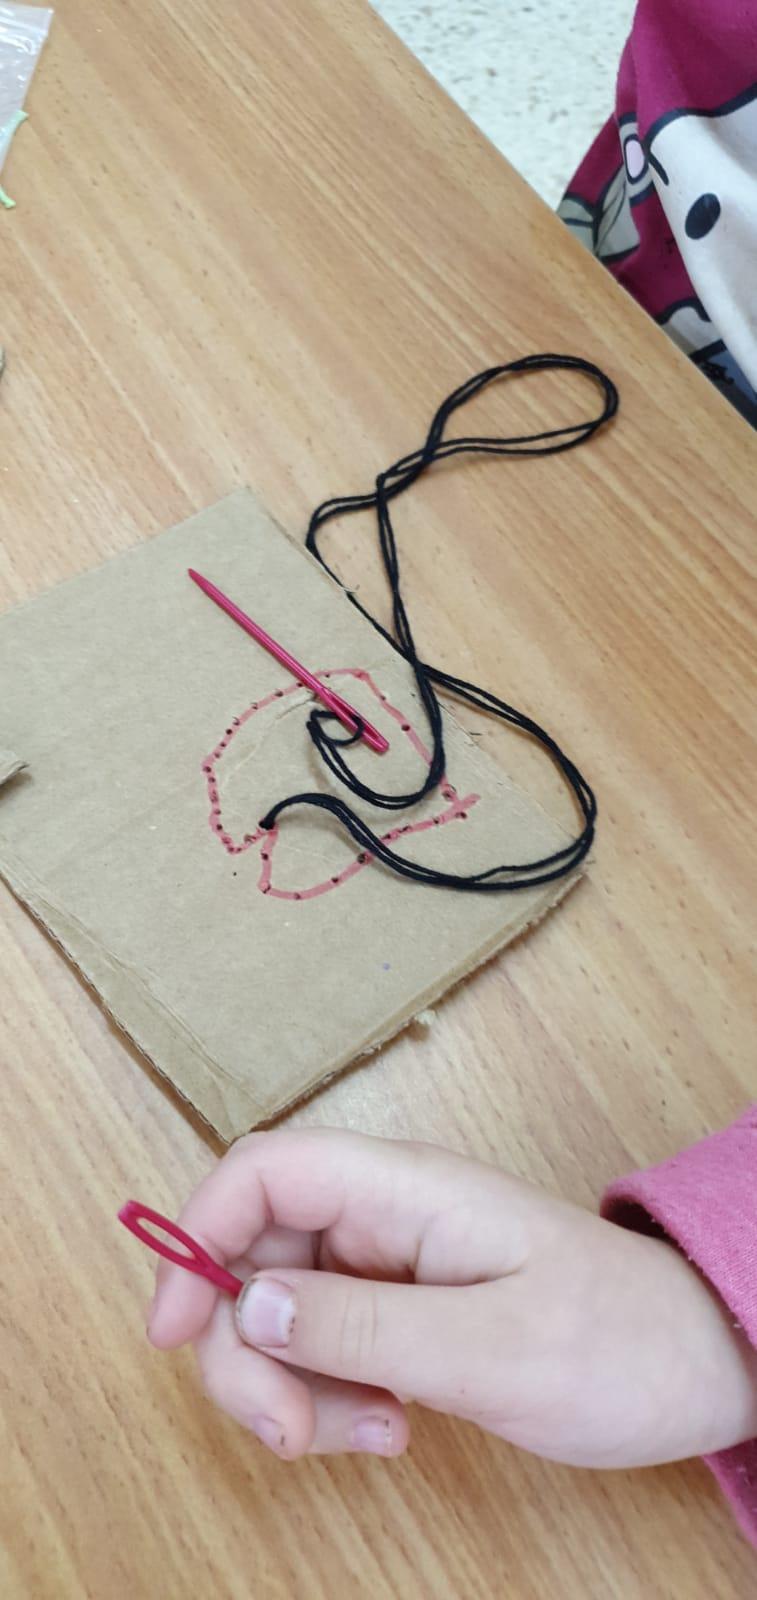 הרשת הירוקה: ללמוד לתפור עם מחט פלסטיק